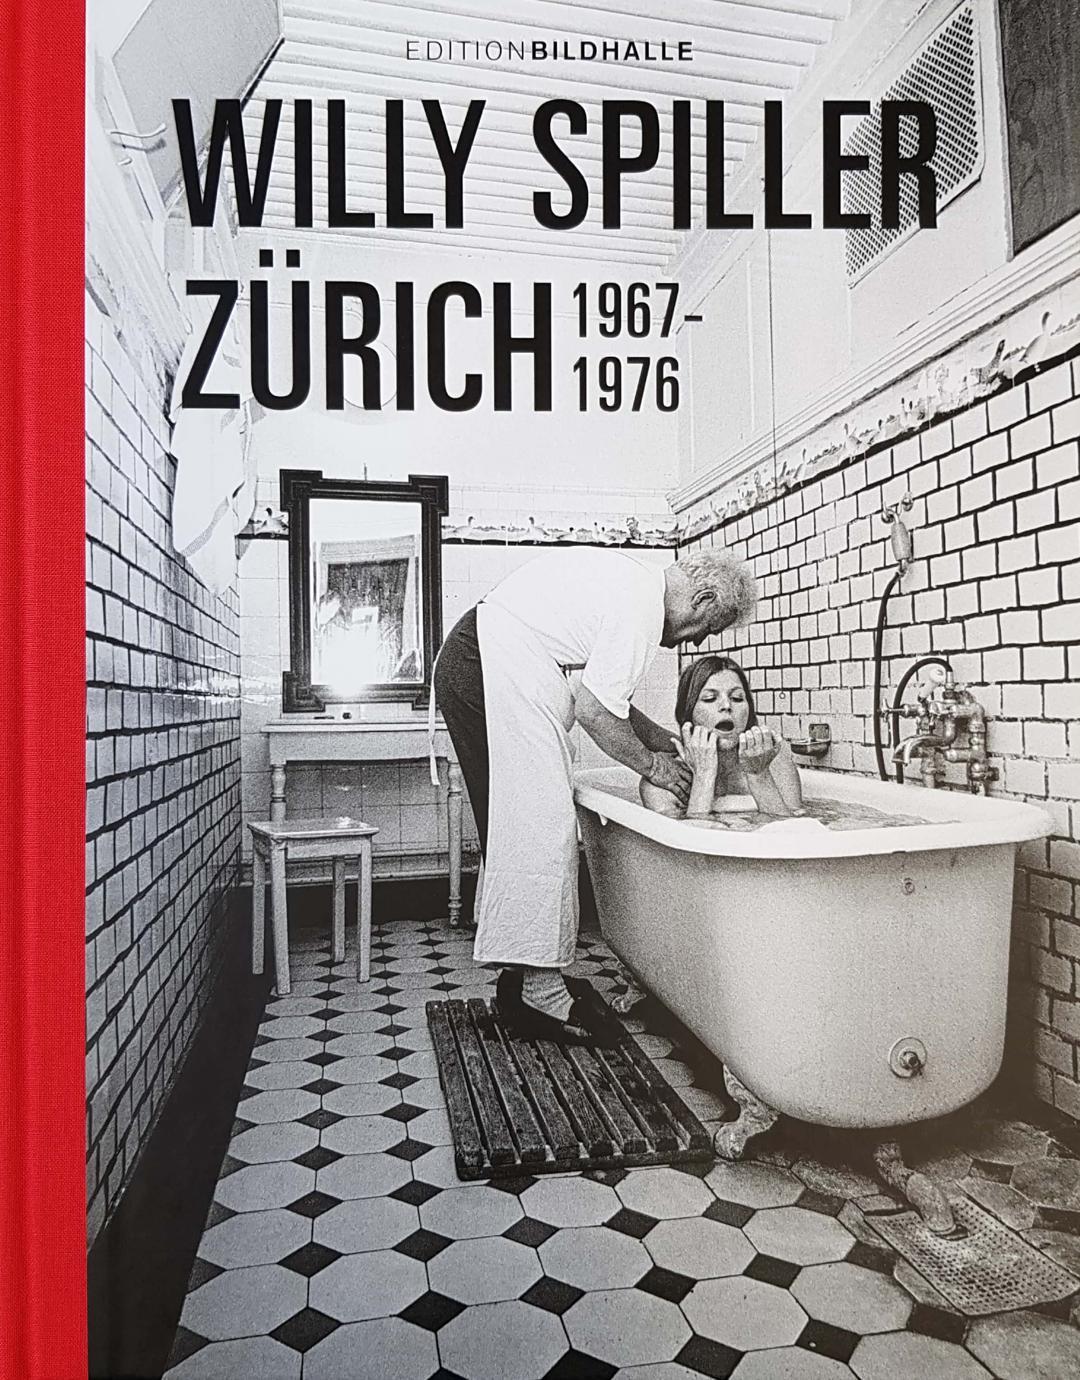 «Zürich 1967-1976» von Willy Spiller, Zürich 2019, Signatur: AWD 2107 | G